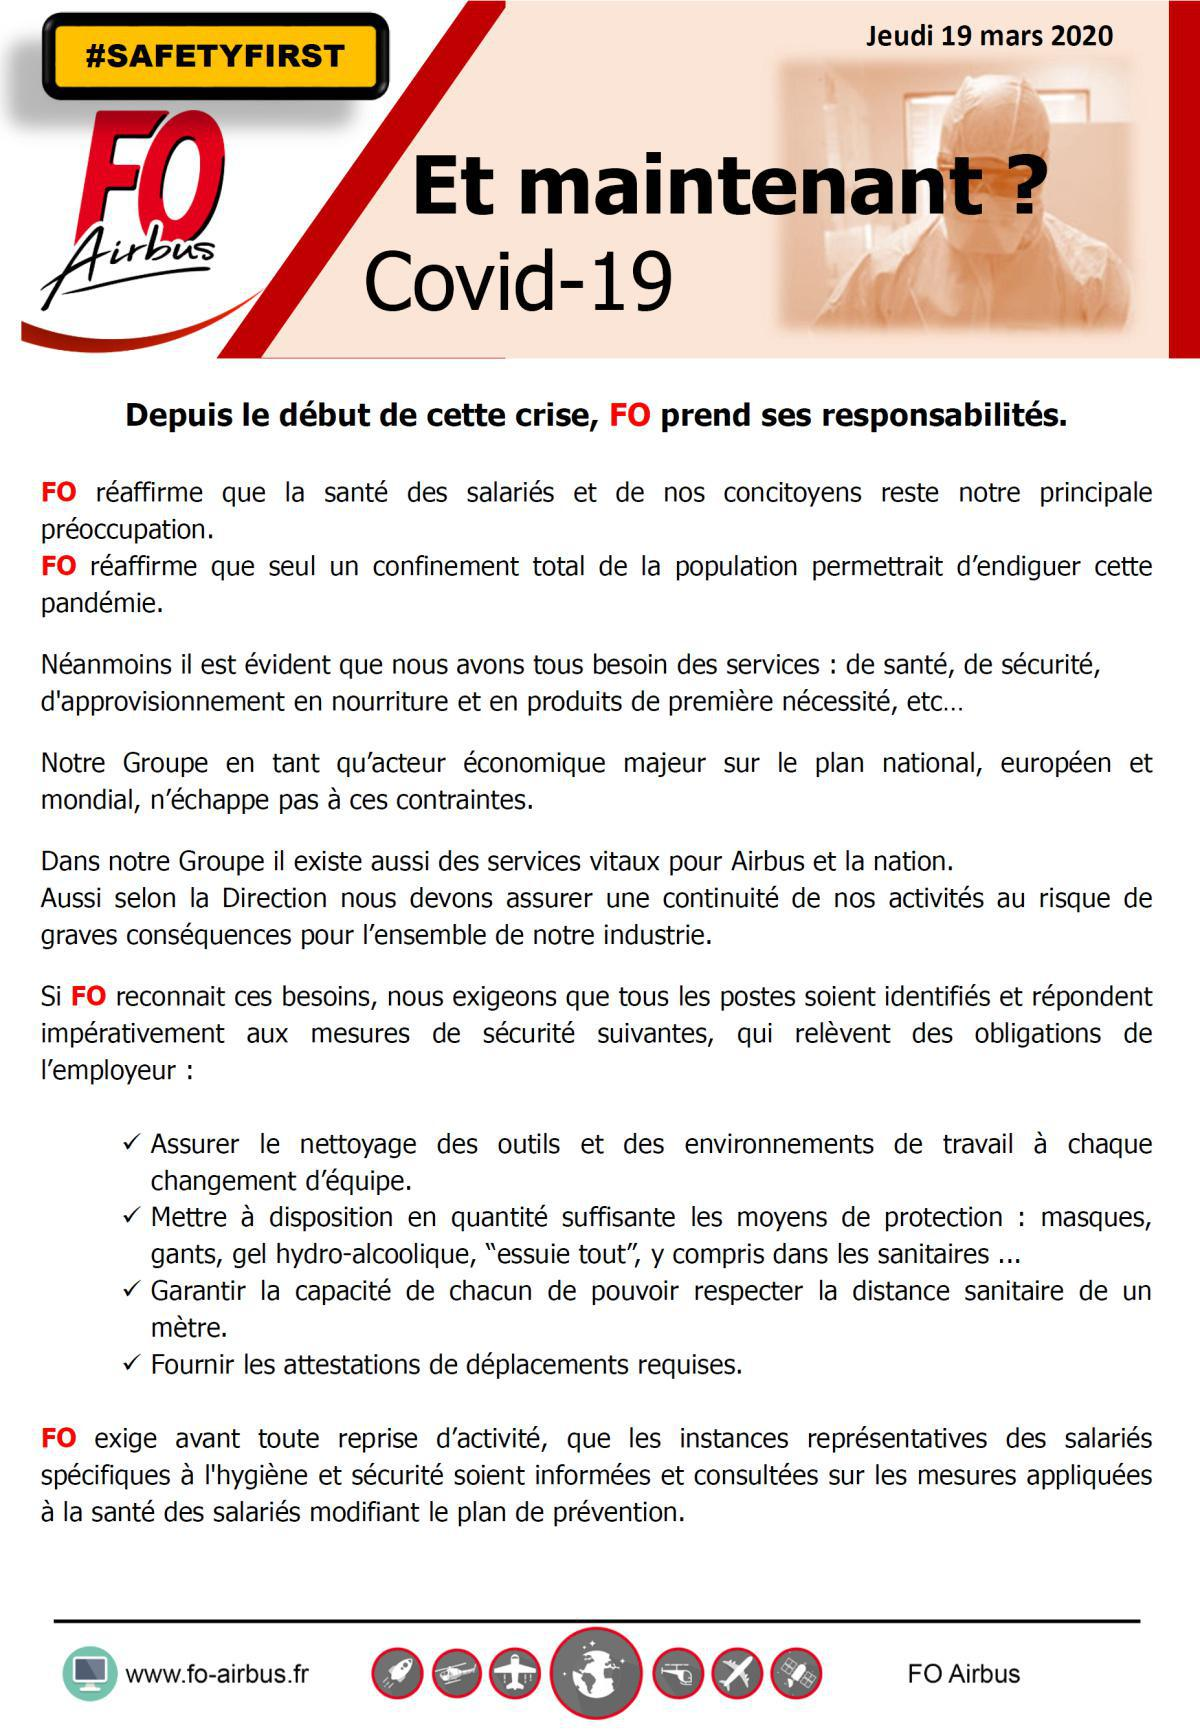 COVID-19, et maintenant?